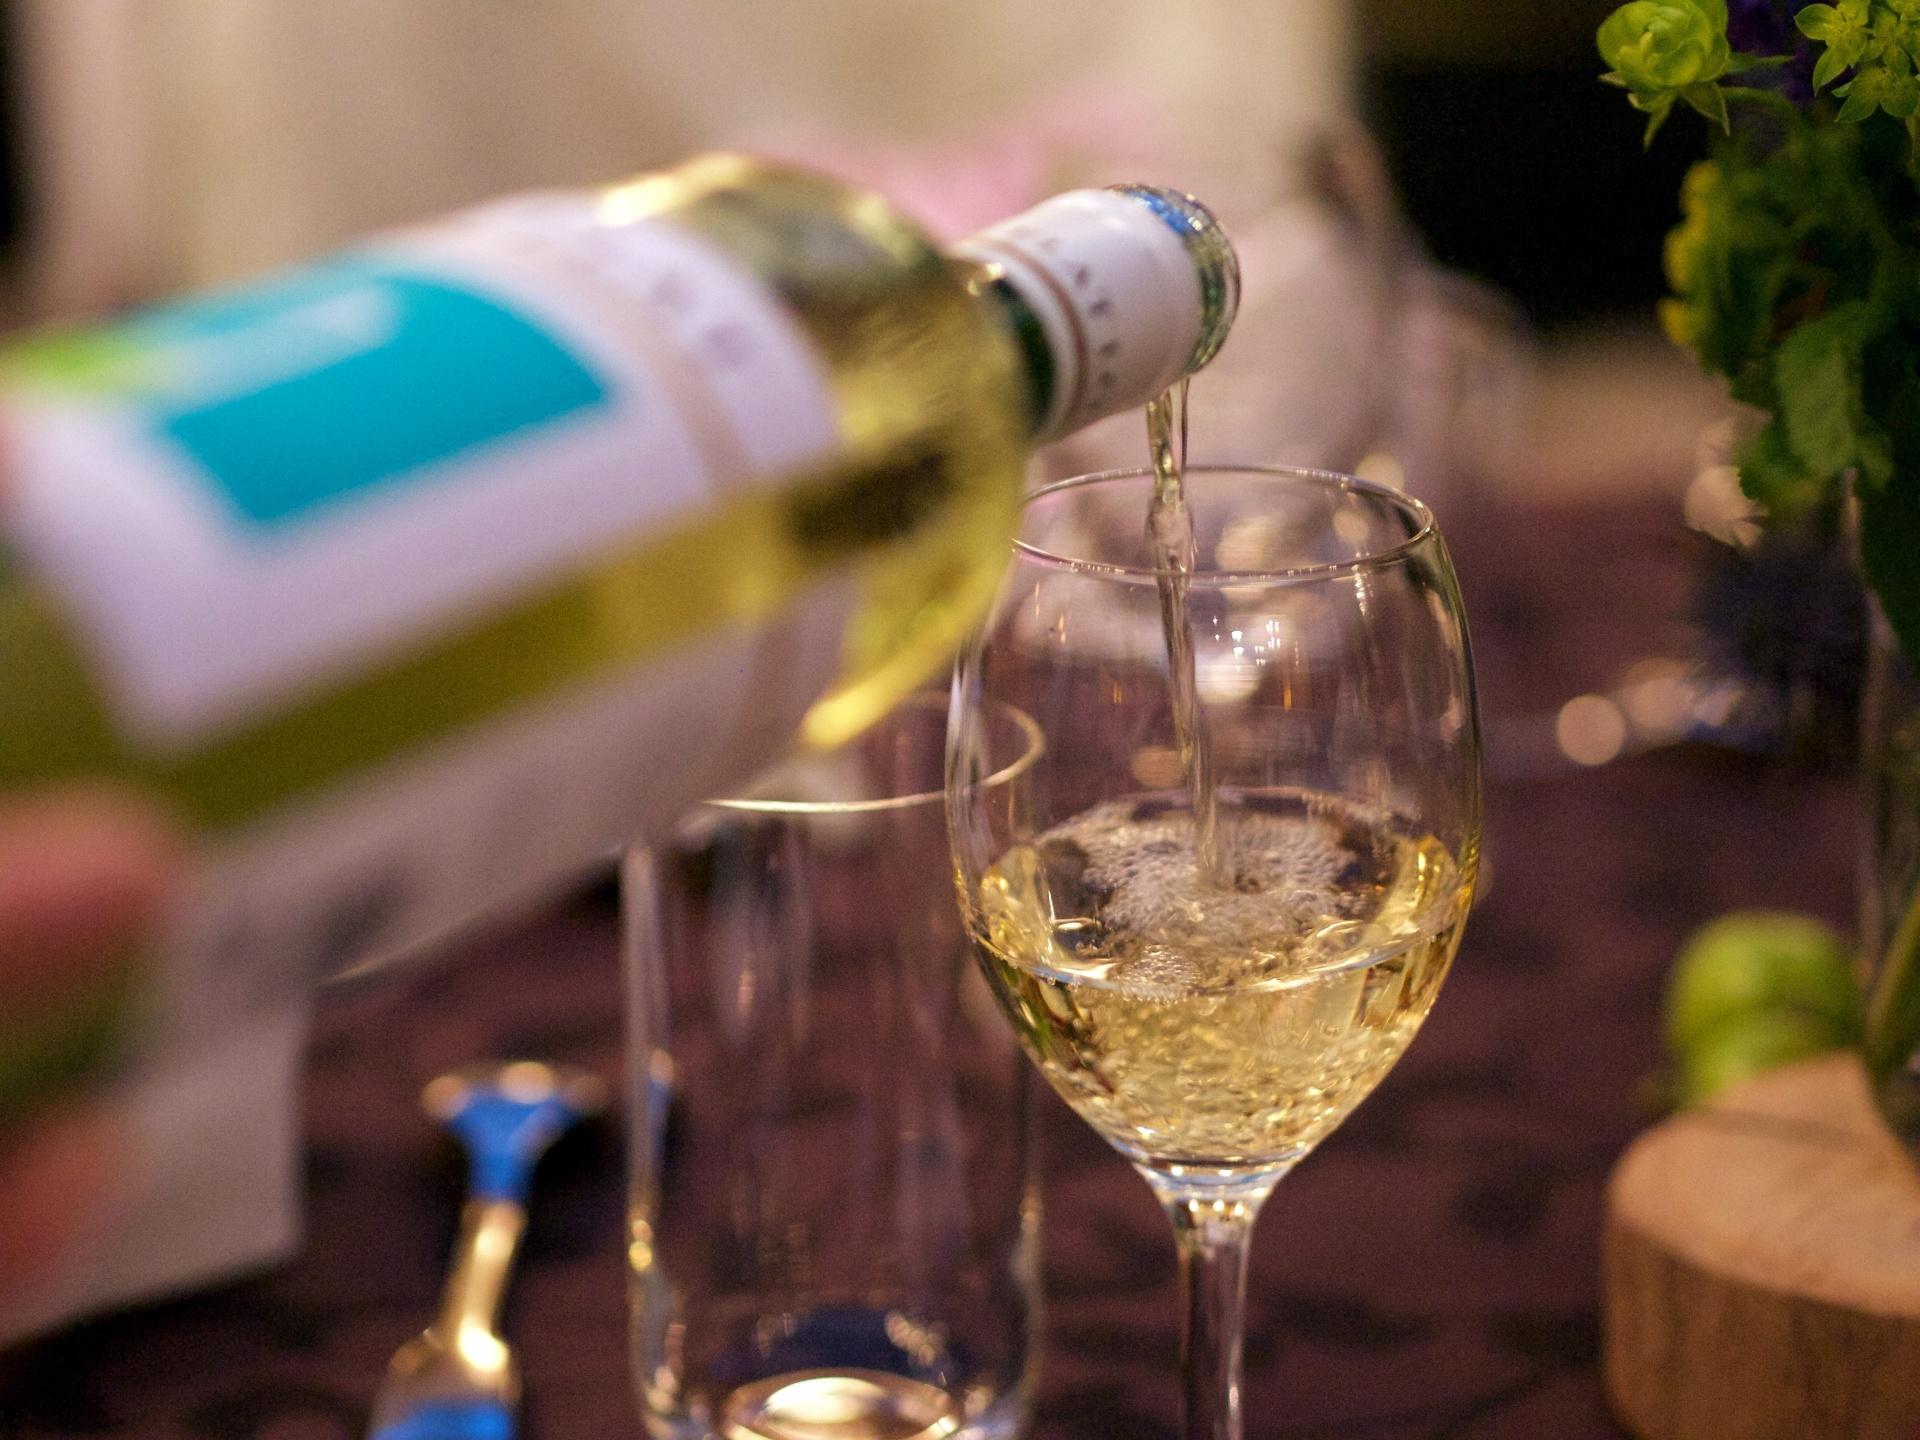 ワインに合う糠漬けの食材はどれか